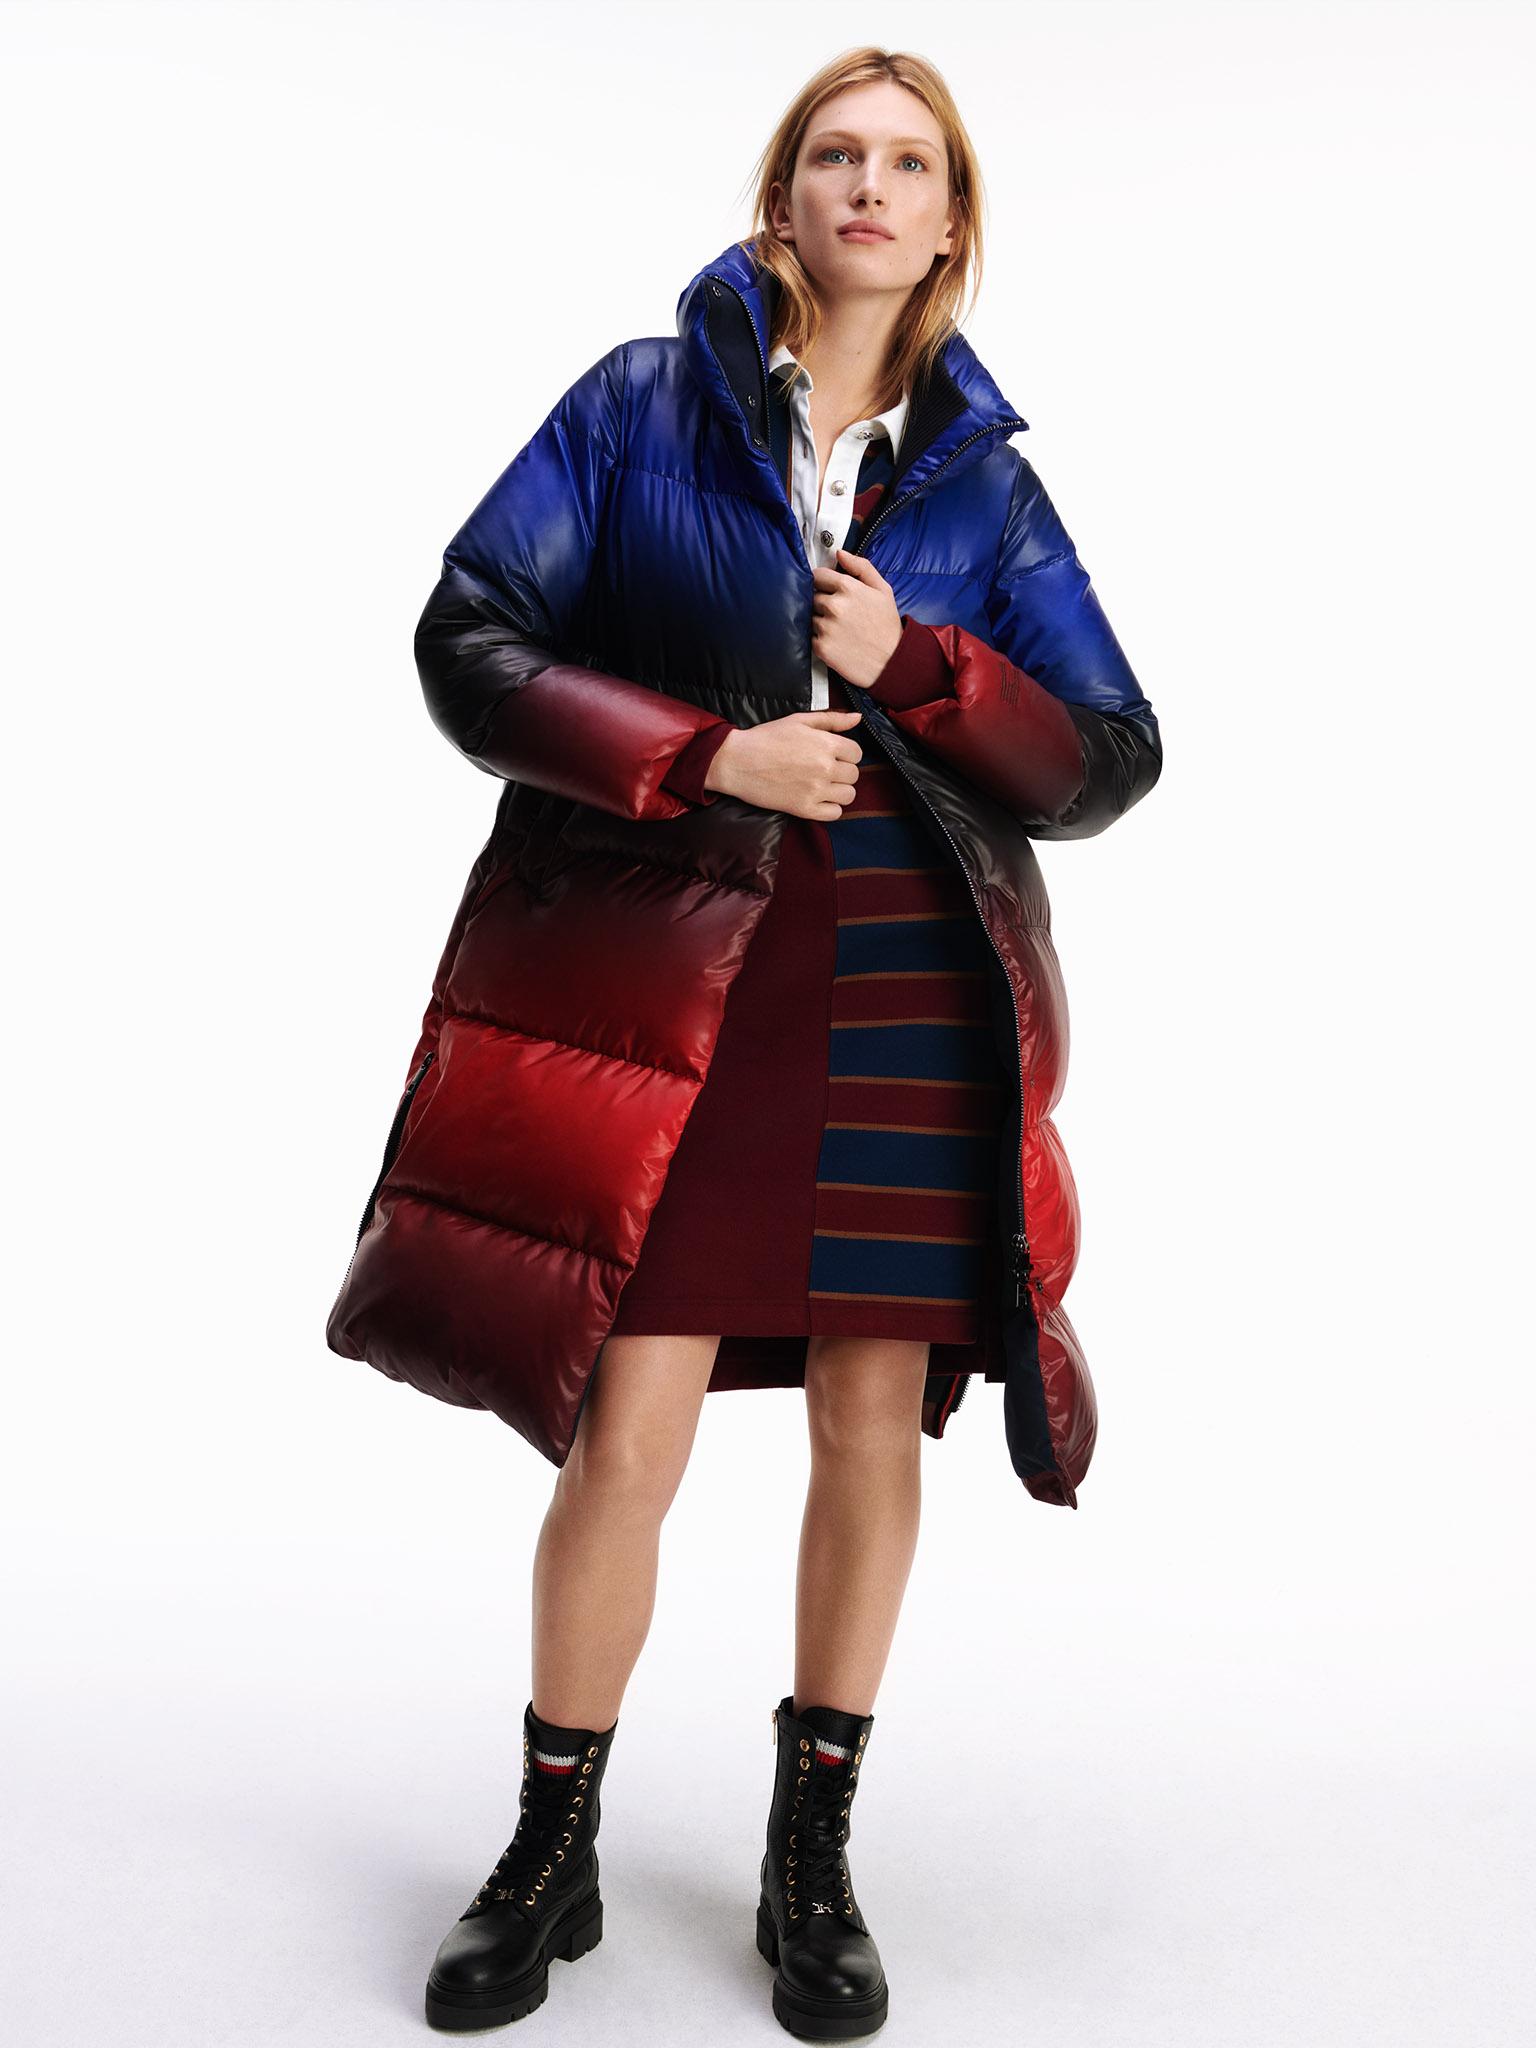 fa20_womenswear_look14